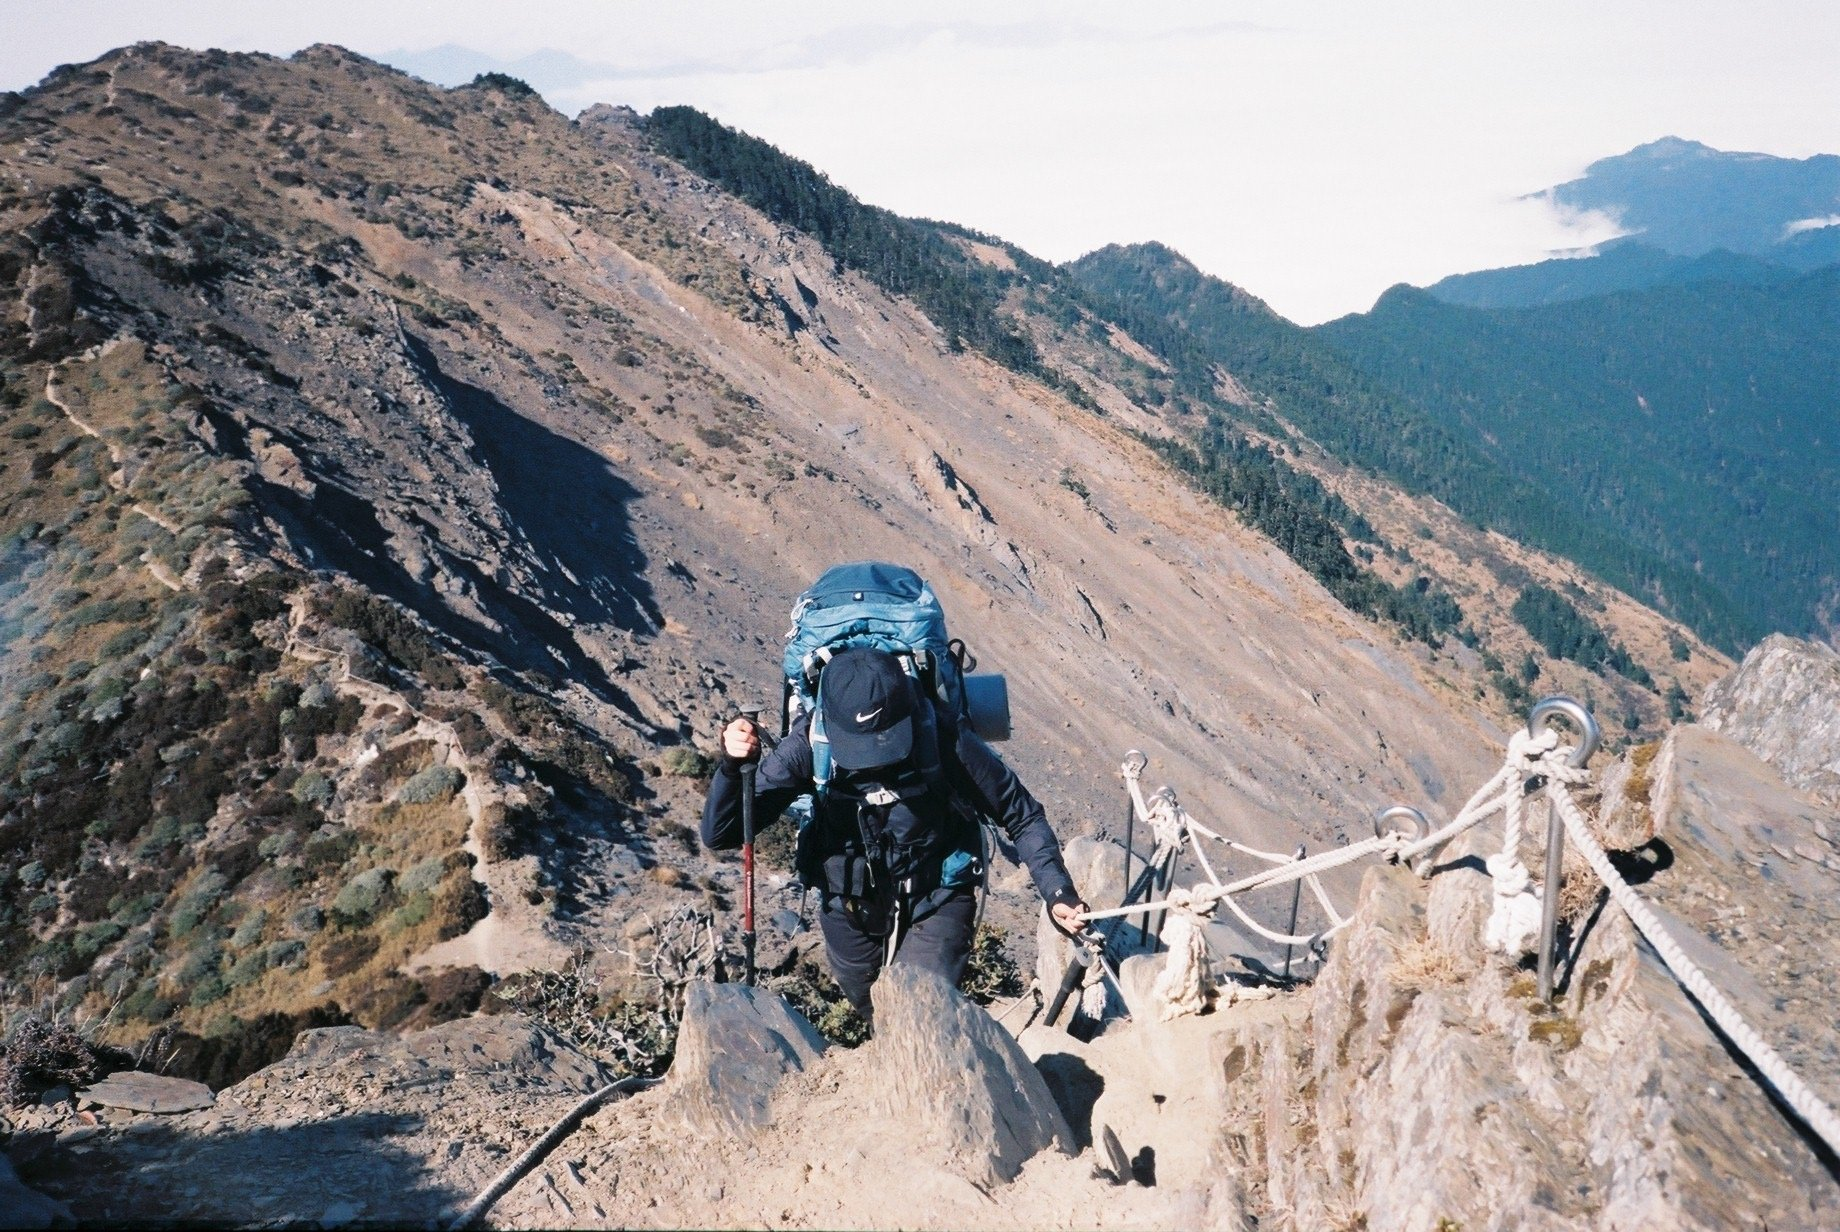 登上南湖大山:爾後的攀登 都是因為愛